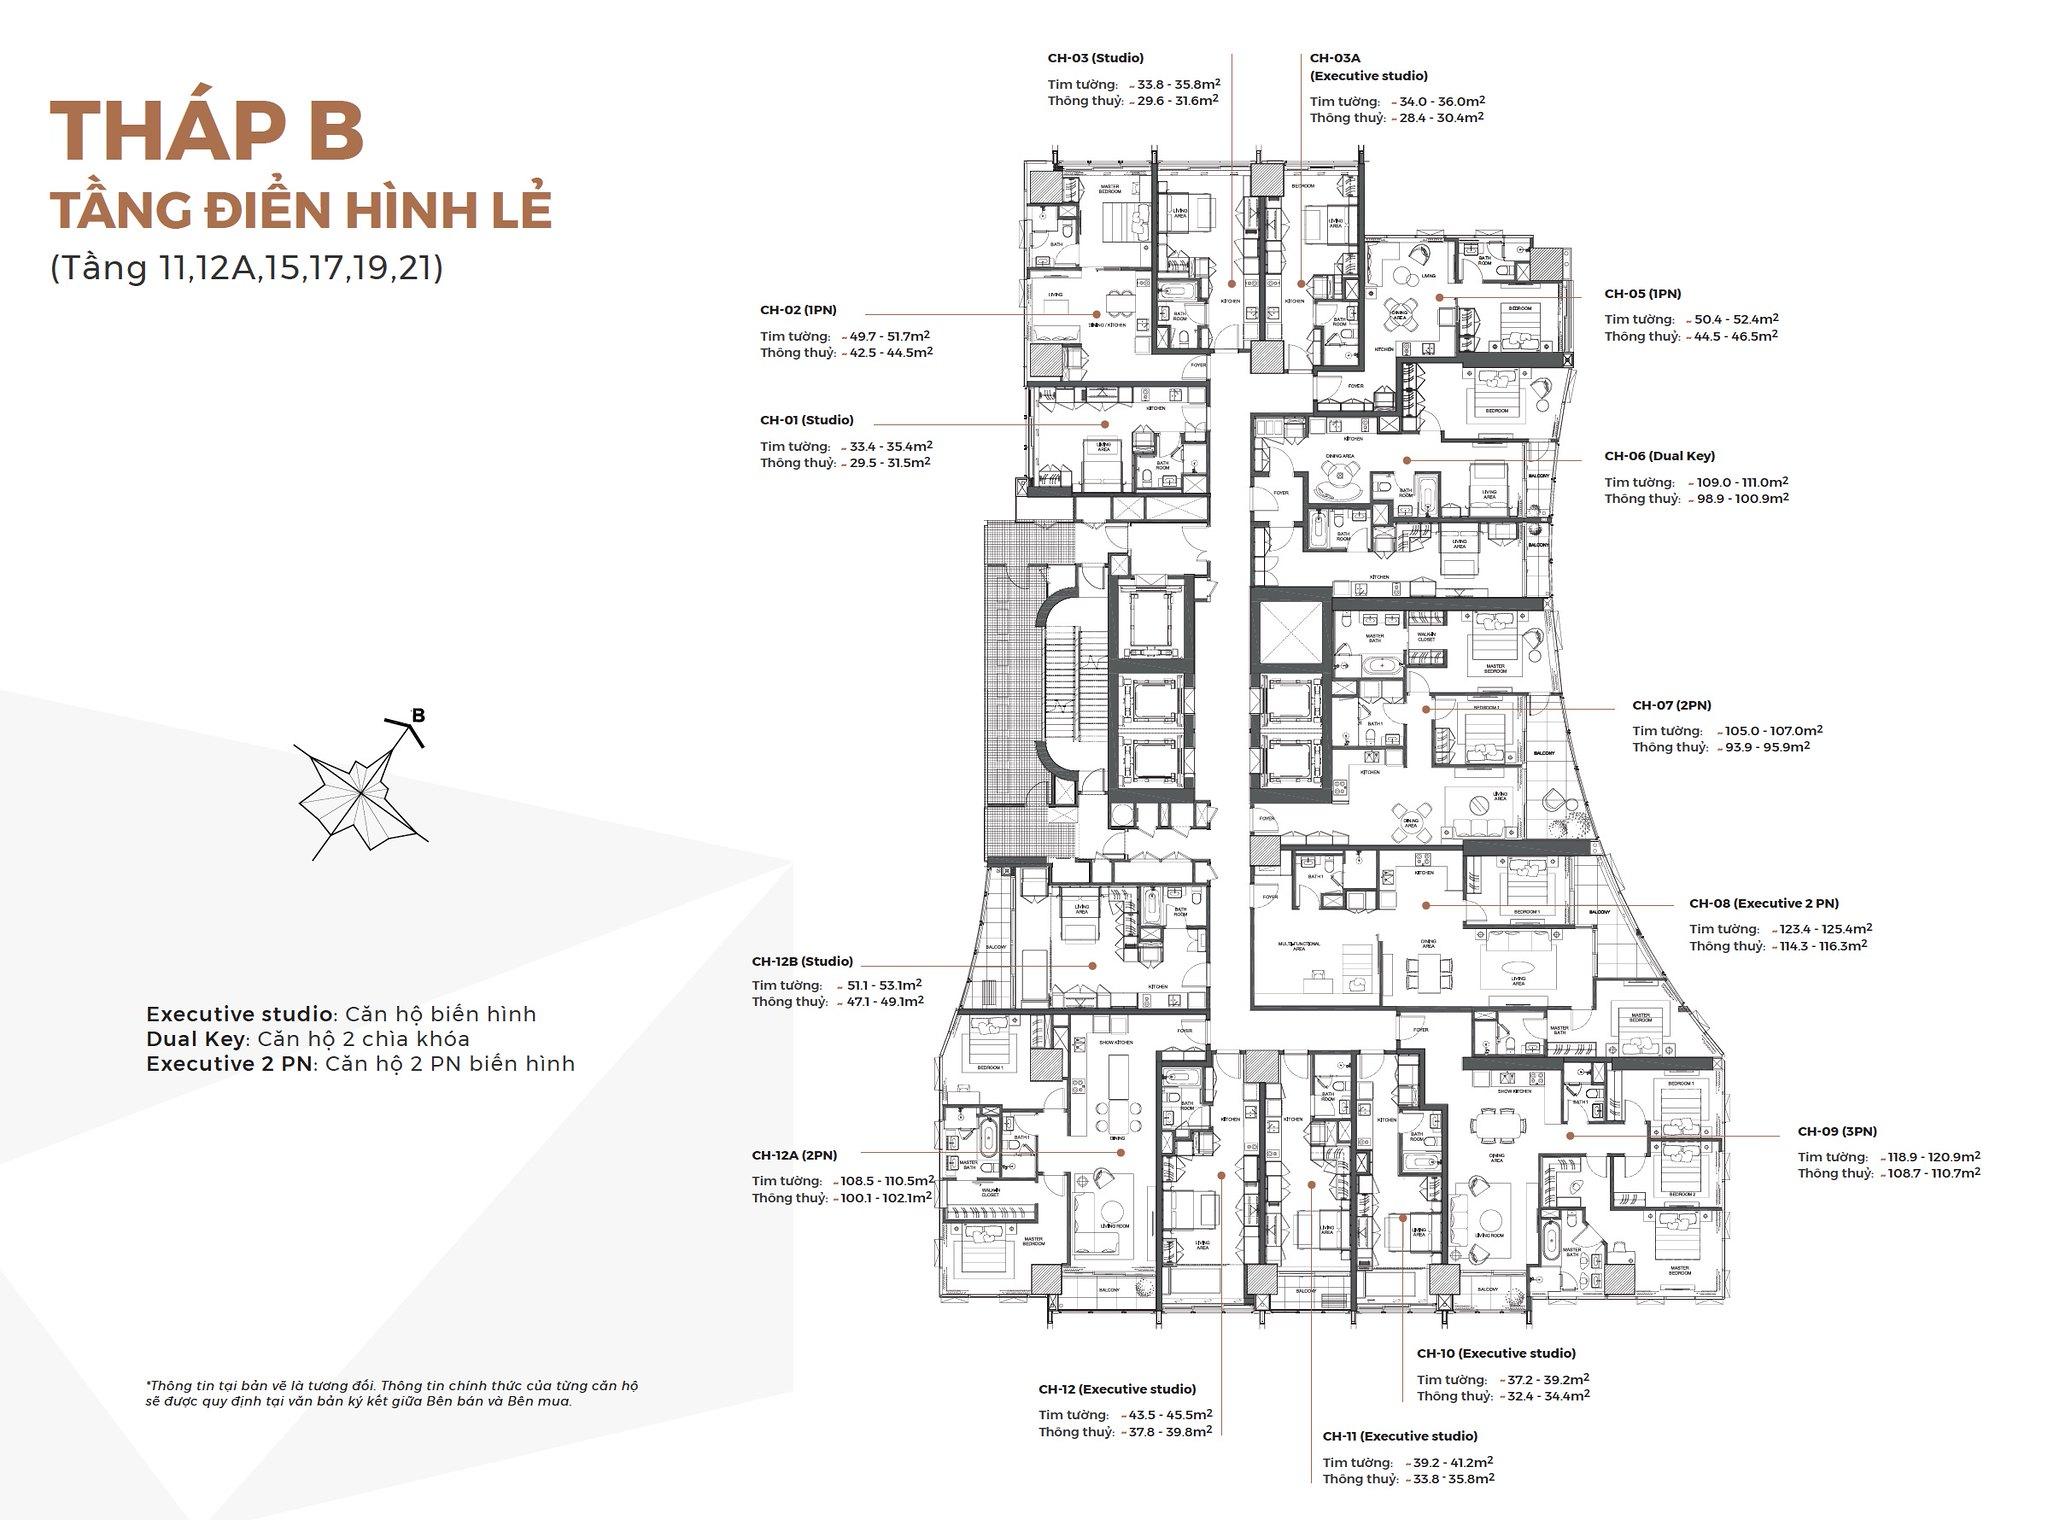 Layout Mặt Bằng Tầng Điển Hình - Tháp B - Tầng lẻ - Alpha City